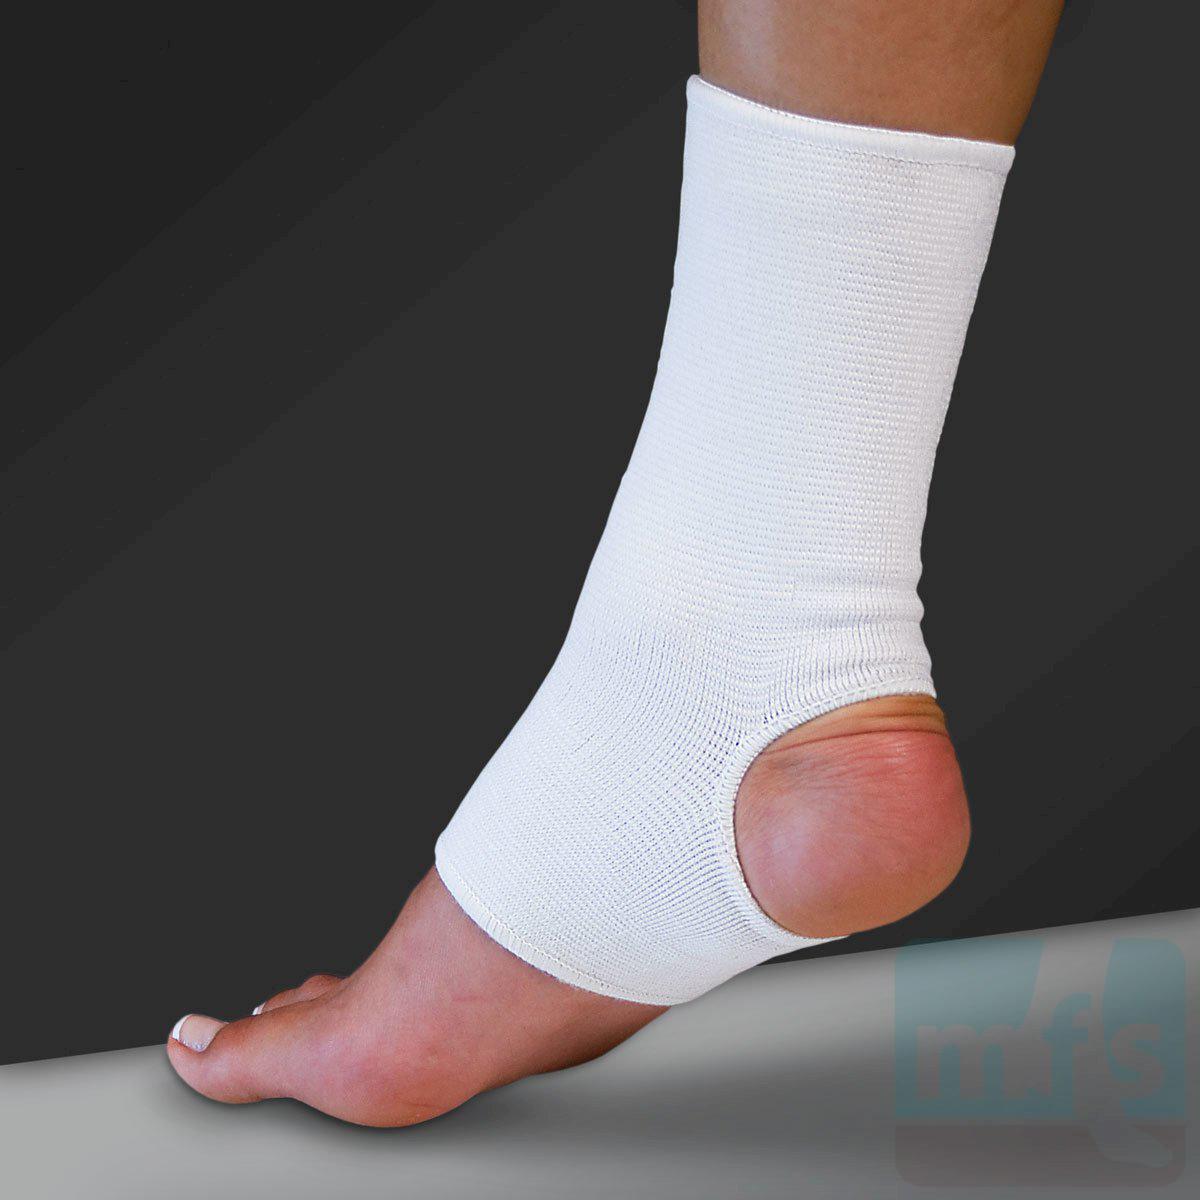 Compression Socks For Ankles